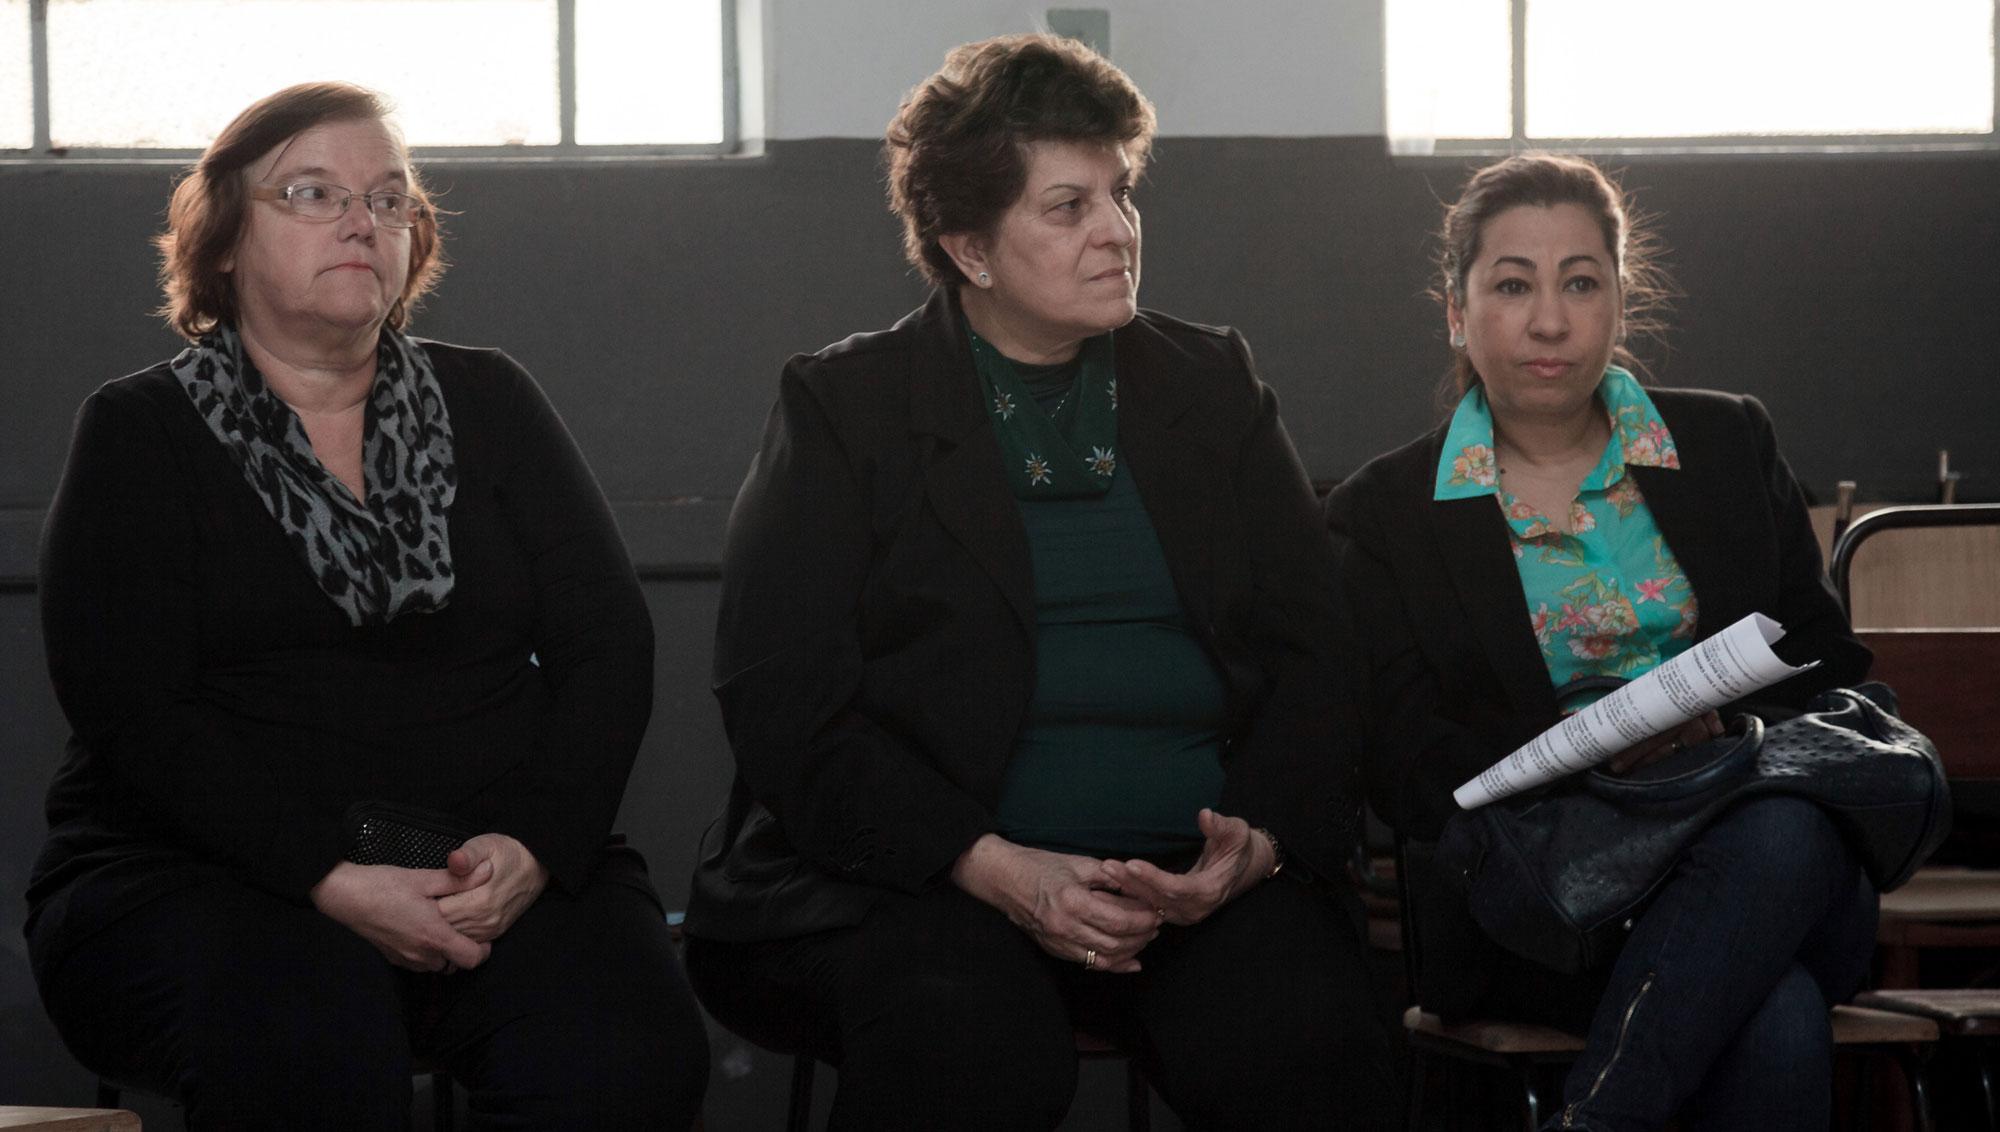 Regina Claret Kapp dos Santos (Associação Pastoral de Assistência Social N. Senhora Aparecida), Sonia Maria Bastos Buchdid e Renata Claro de Oliveira (APAE – Associação de Pais e Amigos dos Excepcionais).